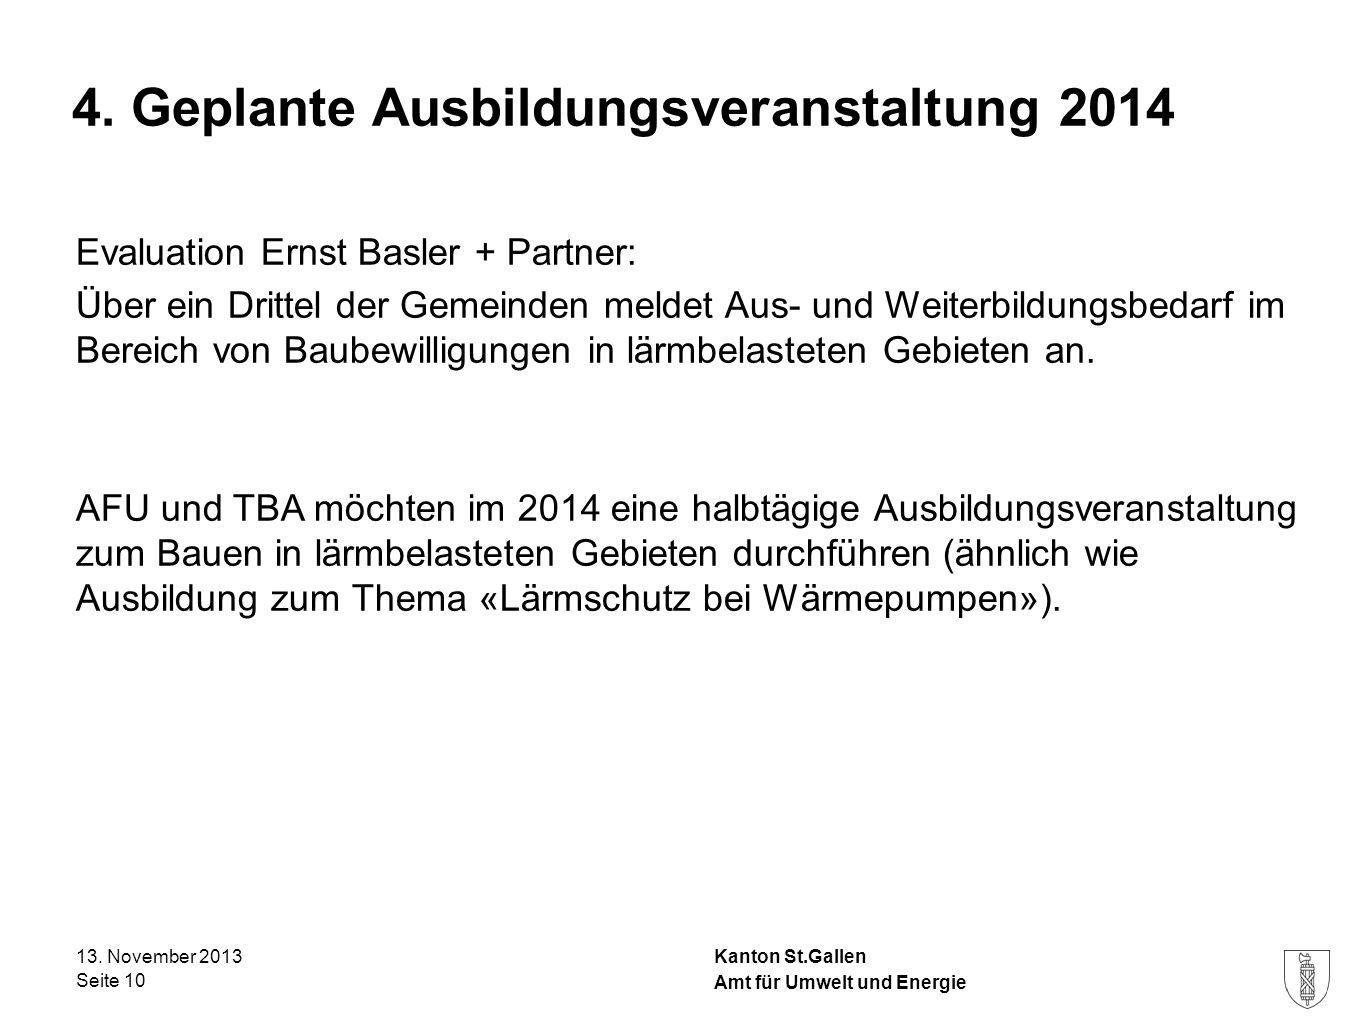 4. Geplante Ausbildungsveranstaltung 2014